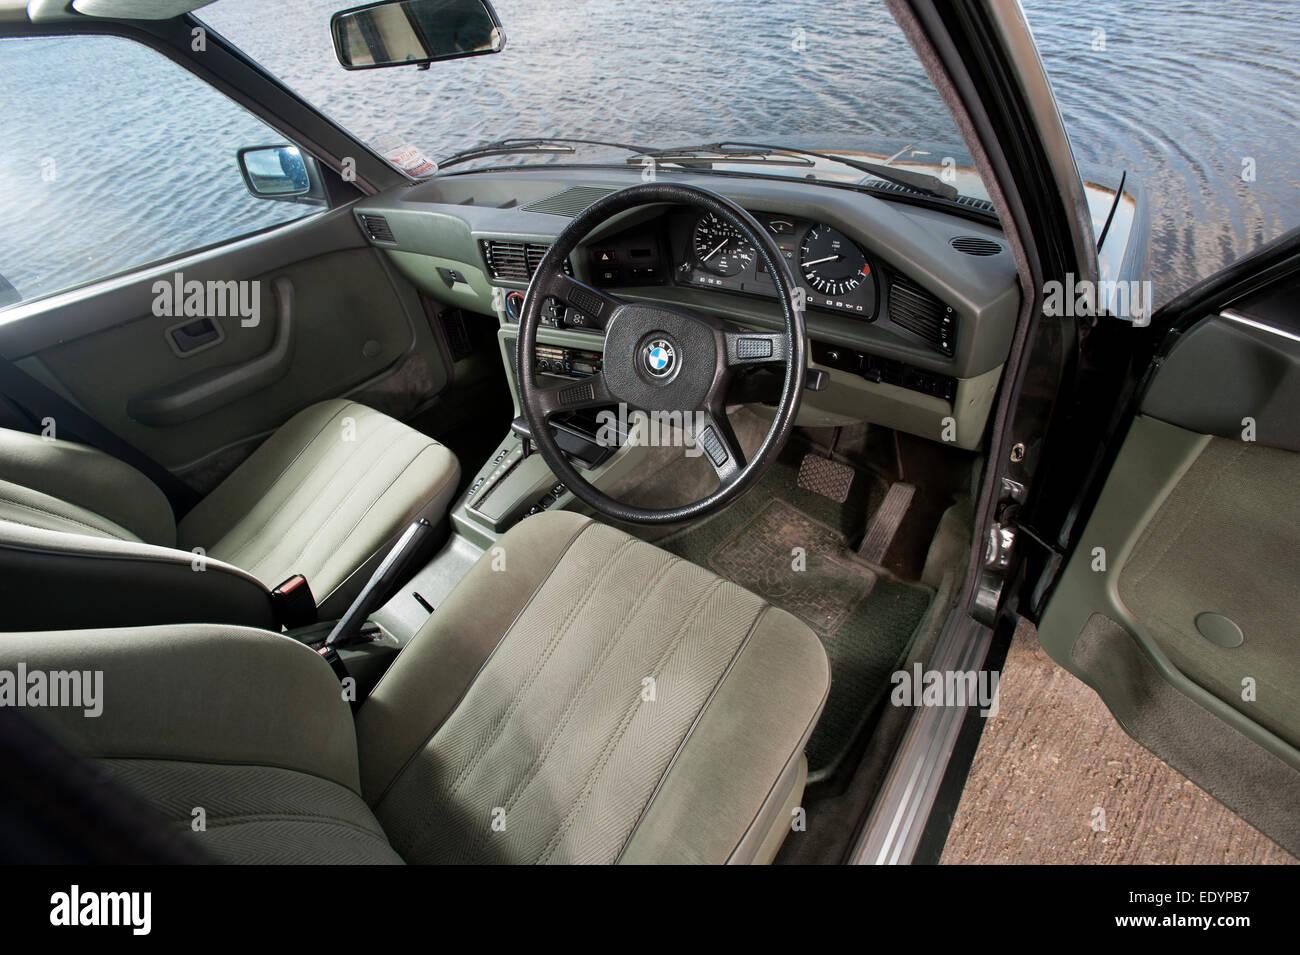 1984 e28 bmw 525i 5 series car interior stock photo royalty free 1984 e28 bmw 525i 5 series car interior sciox Choice Image